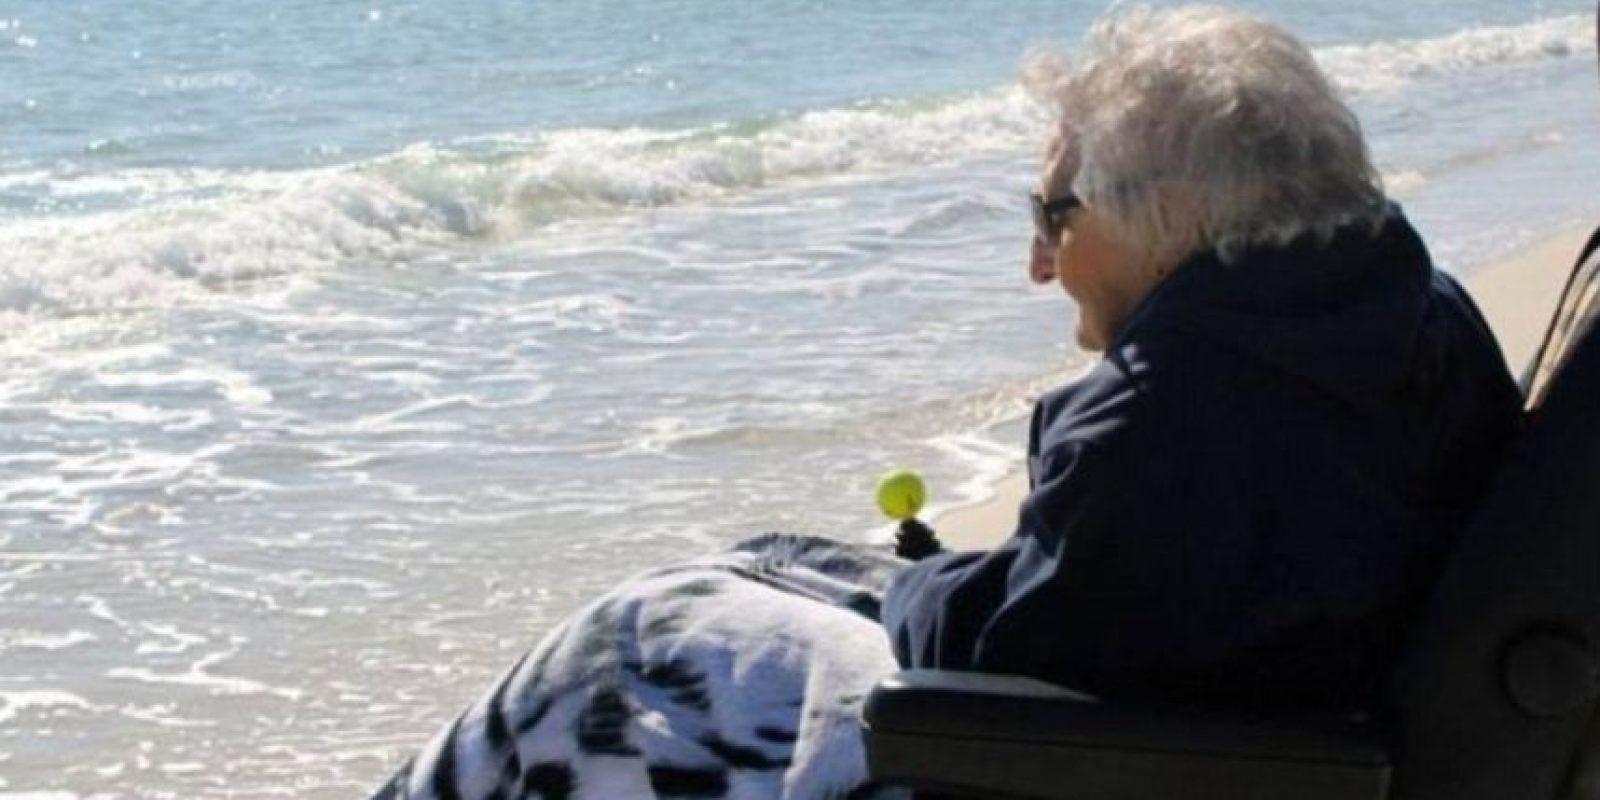 Gracias a su hogar de retiro pudo cumplir su sueño Foto:Perdido Beach Resort